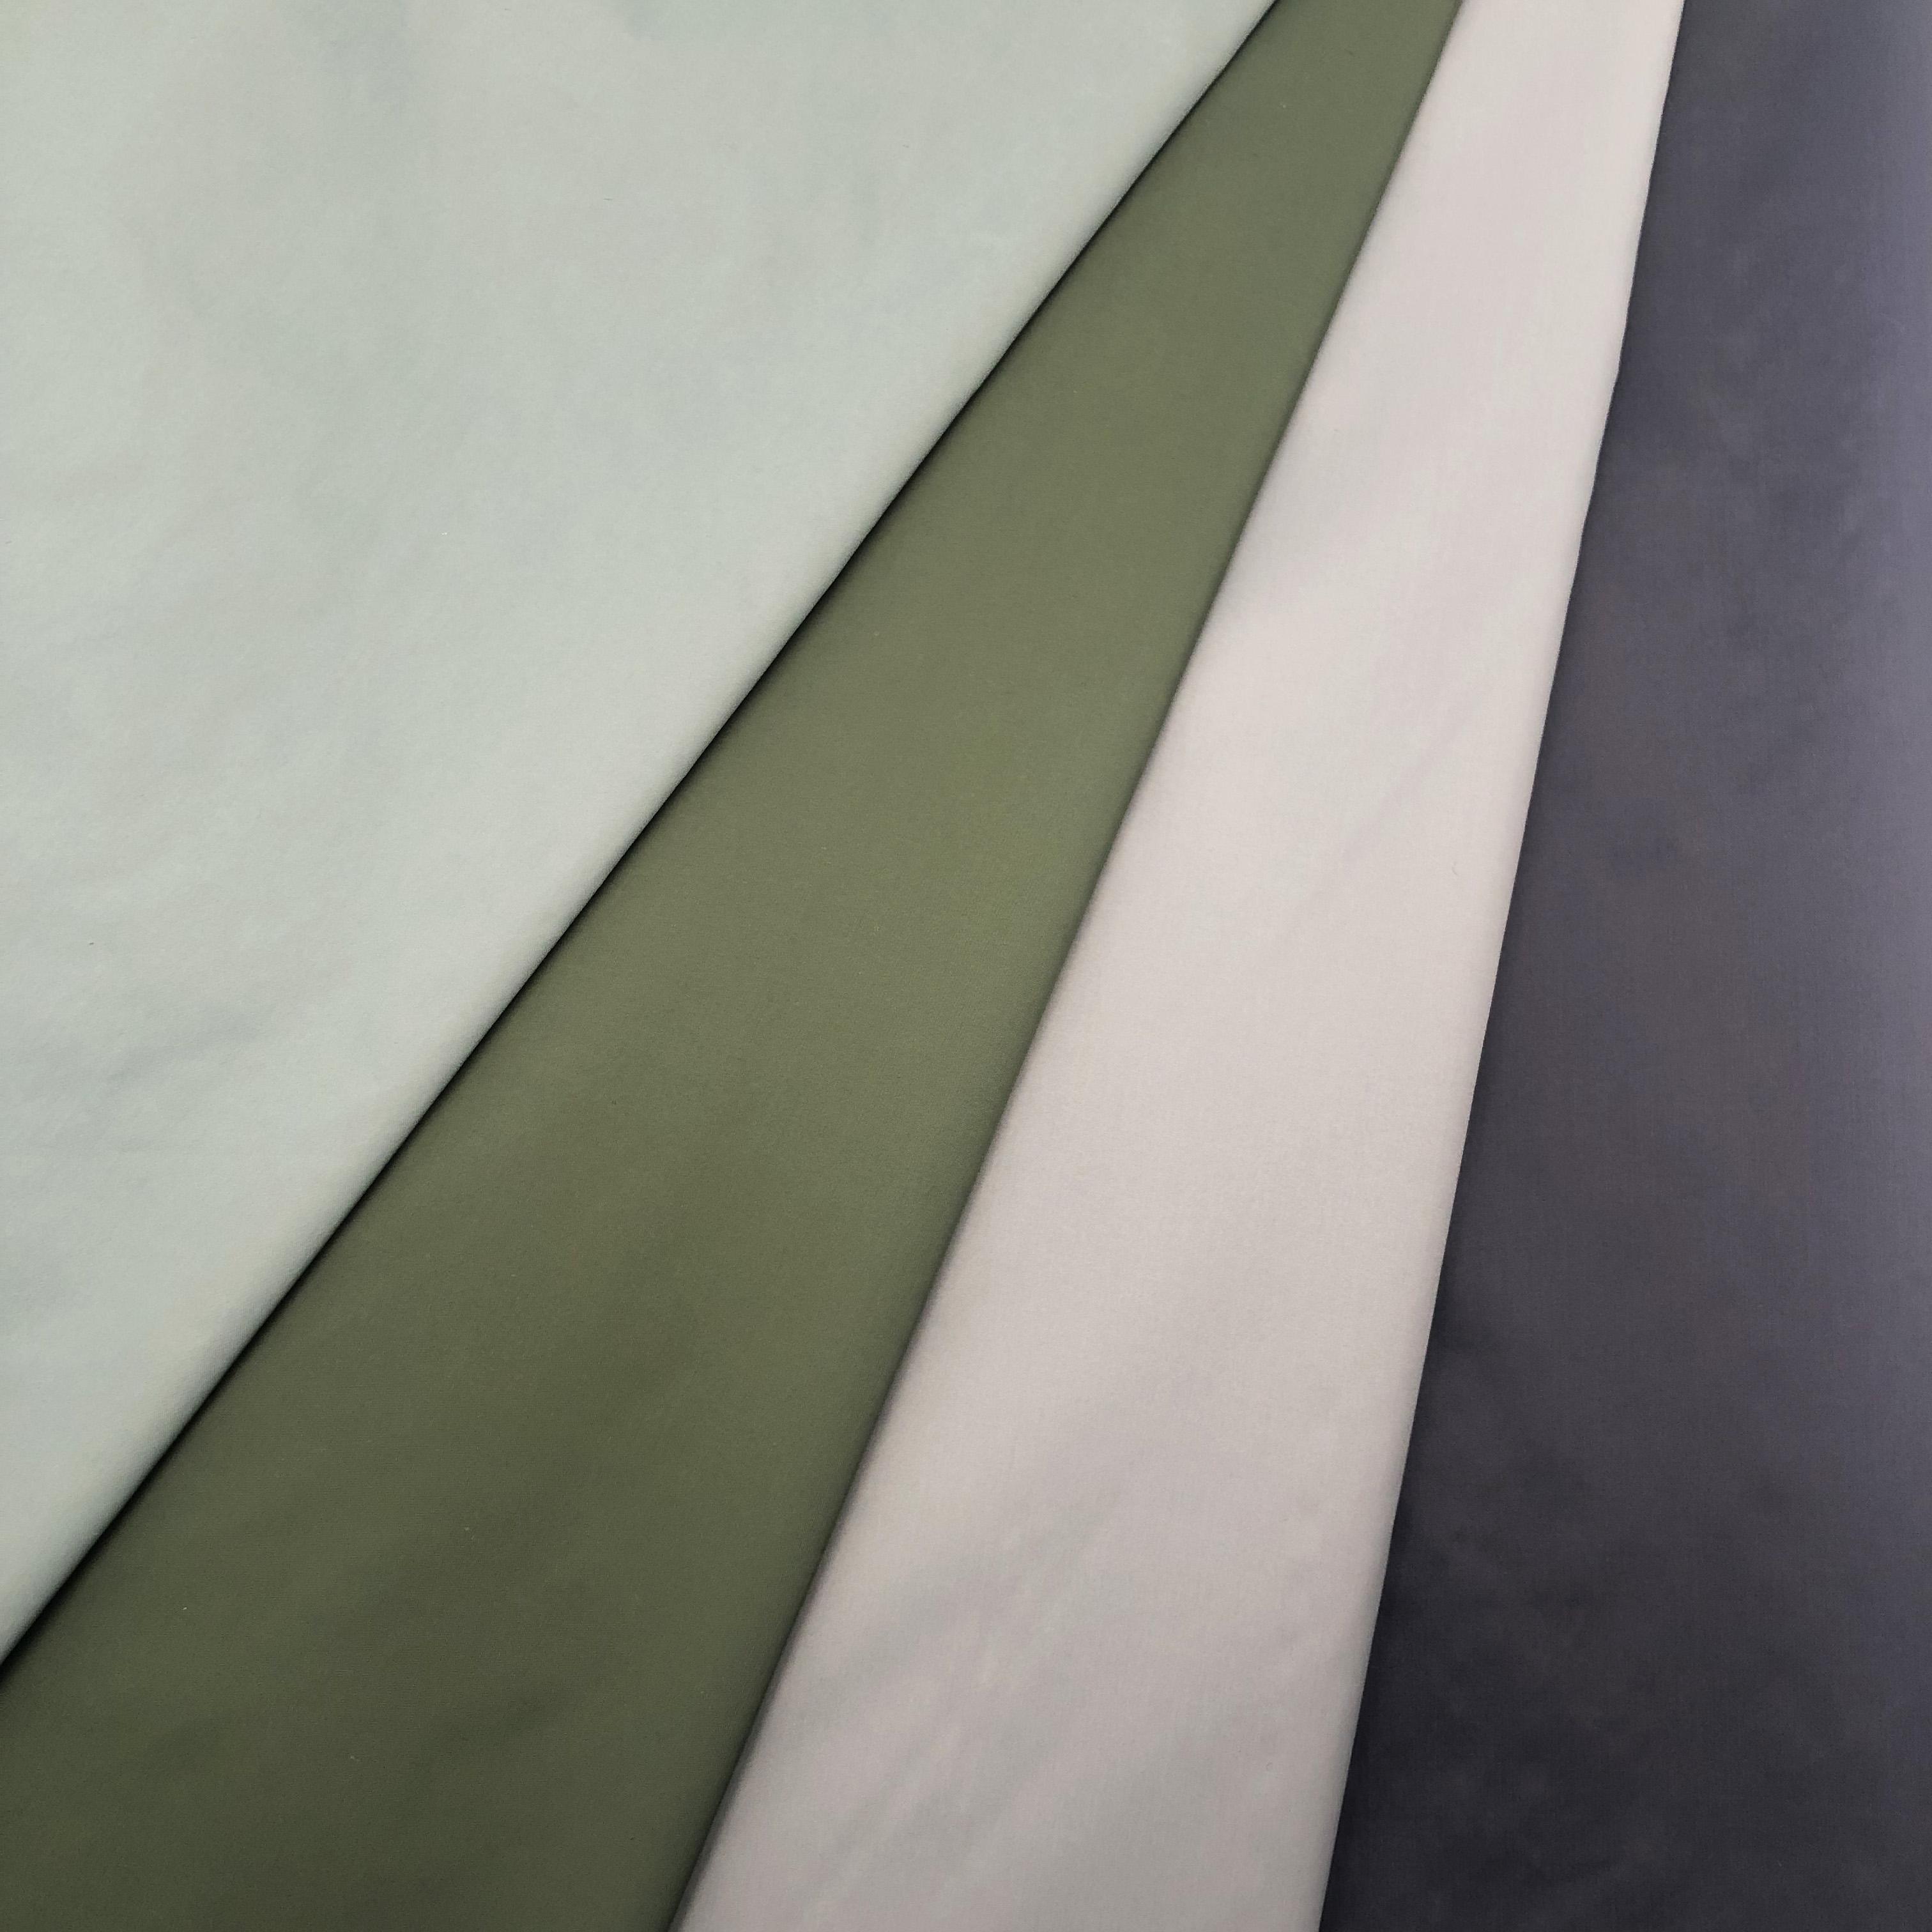 400T матовая нейлоновая тафта, водостойкая, 100 нейлоновая ткань для пухового пальто, высокое качество